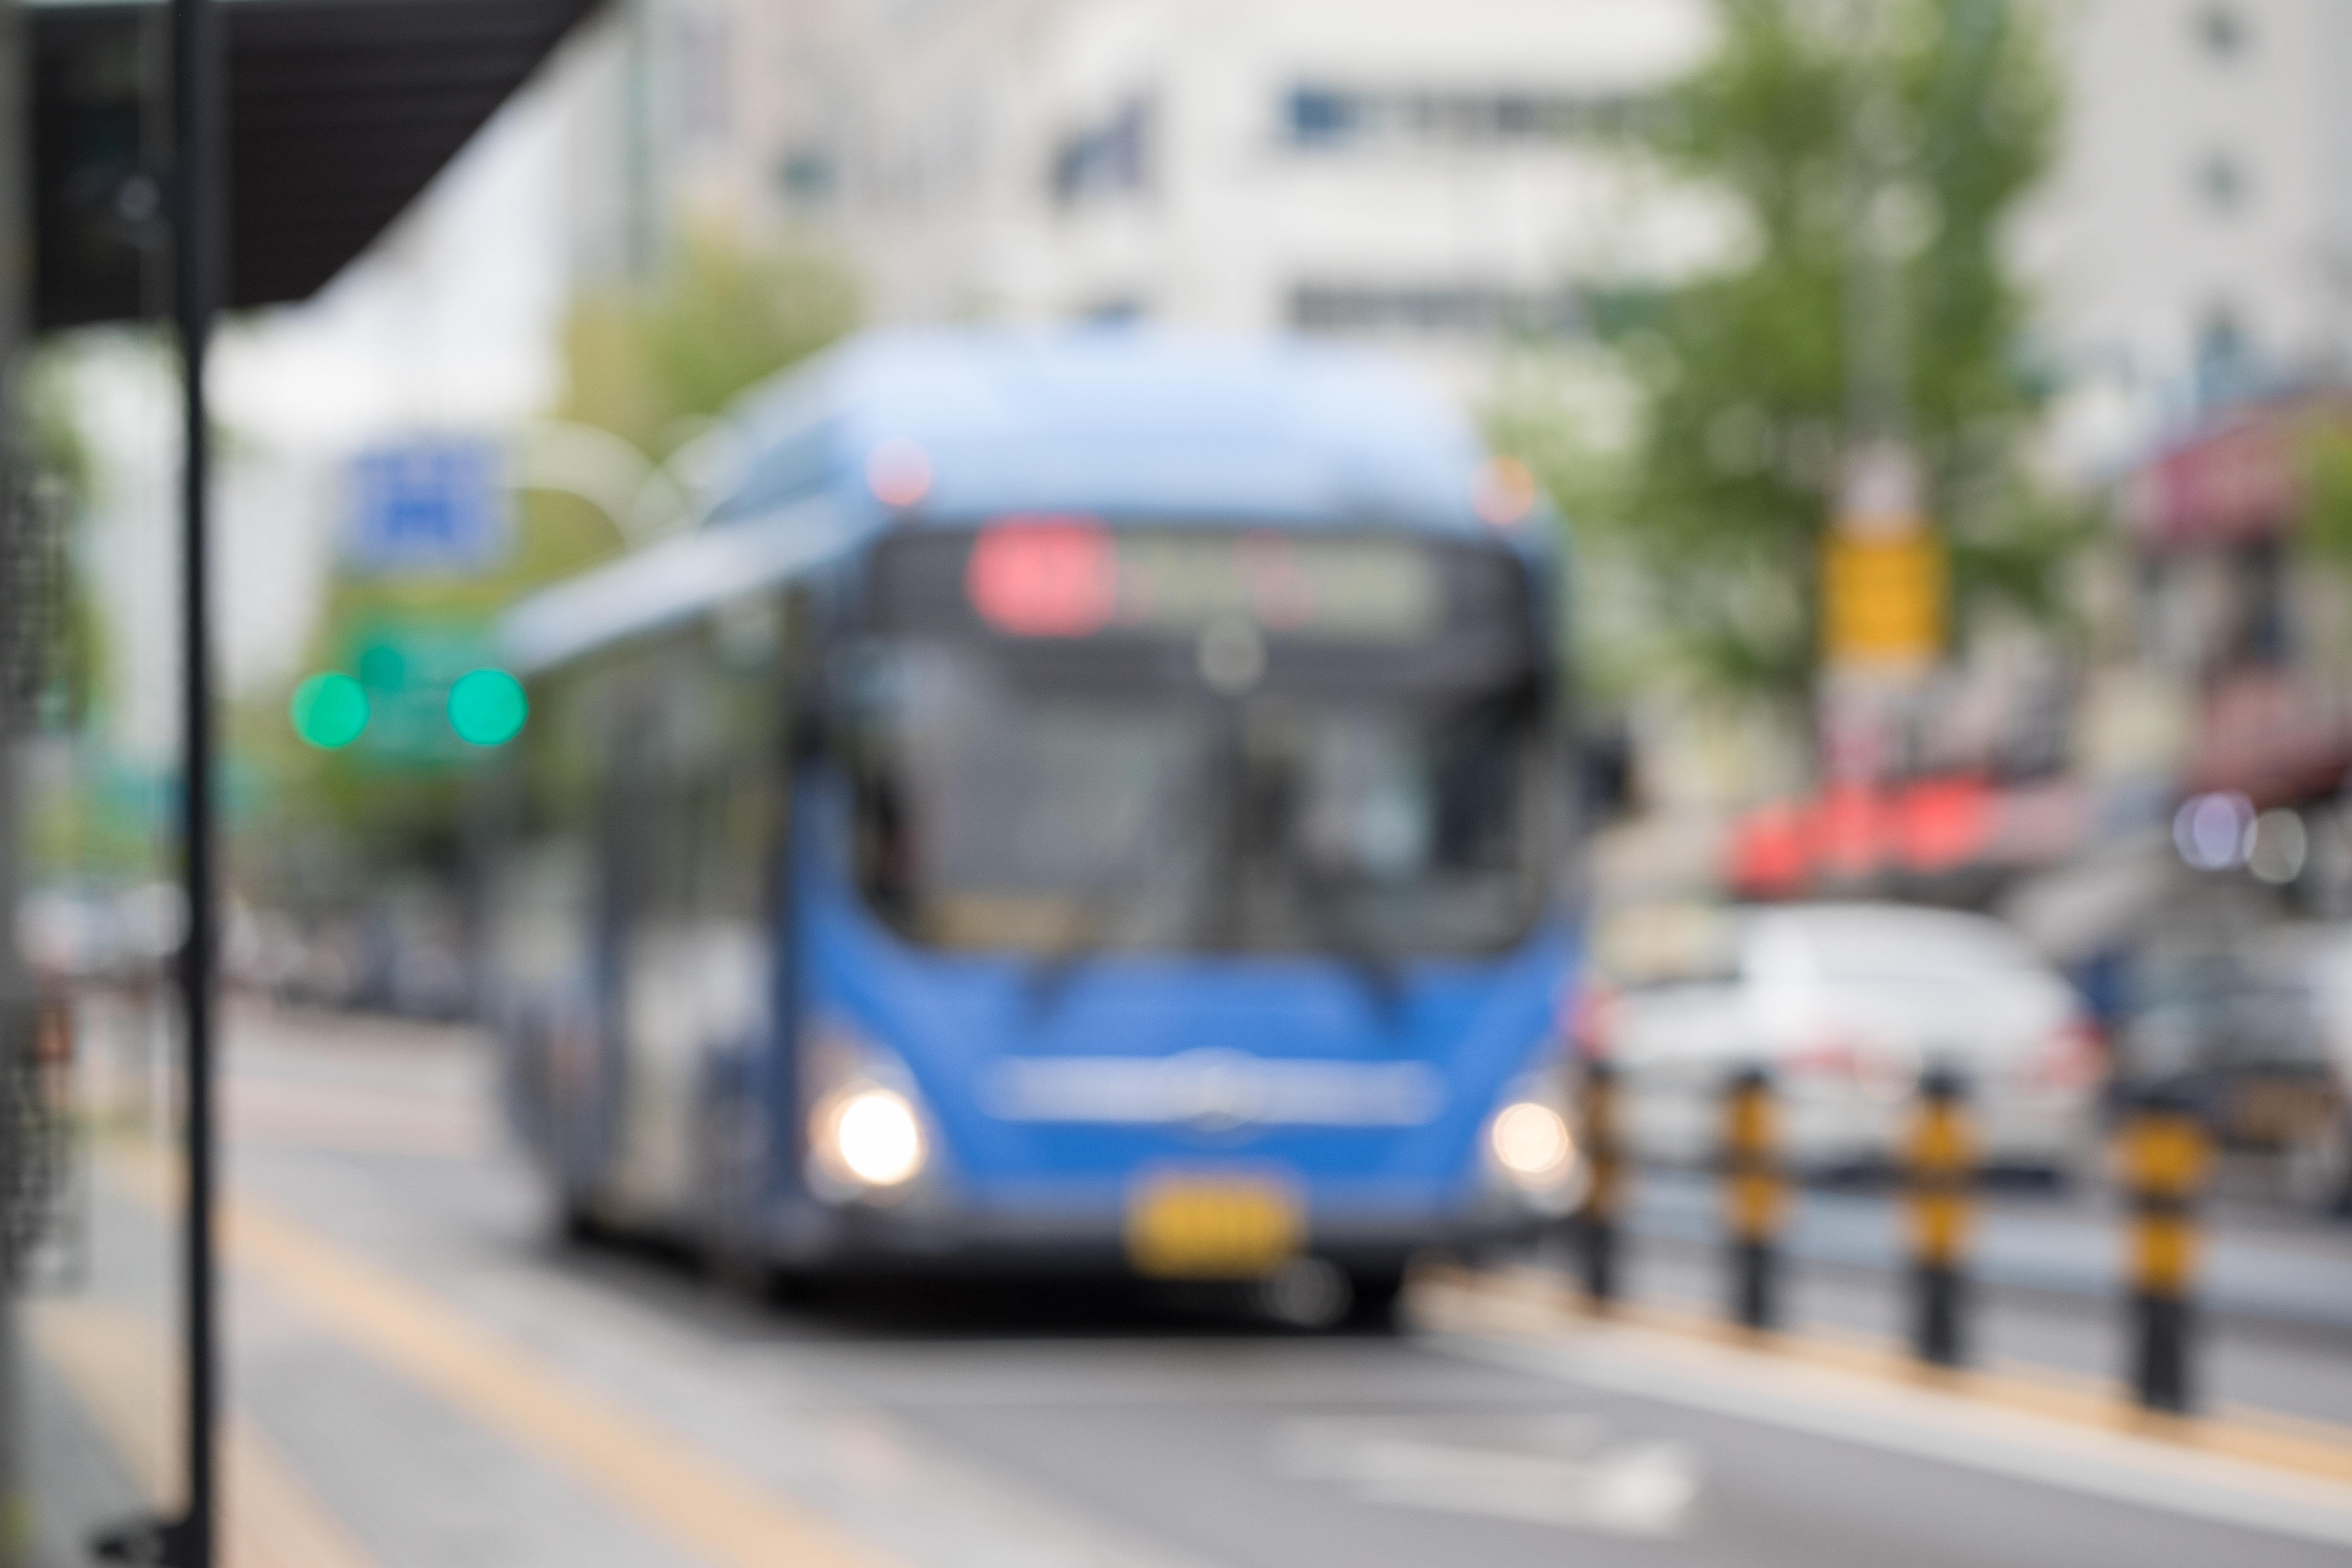 한국 버스기사 이야기는 영화 '패터슨'과 정반대였다